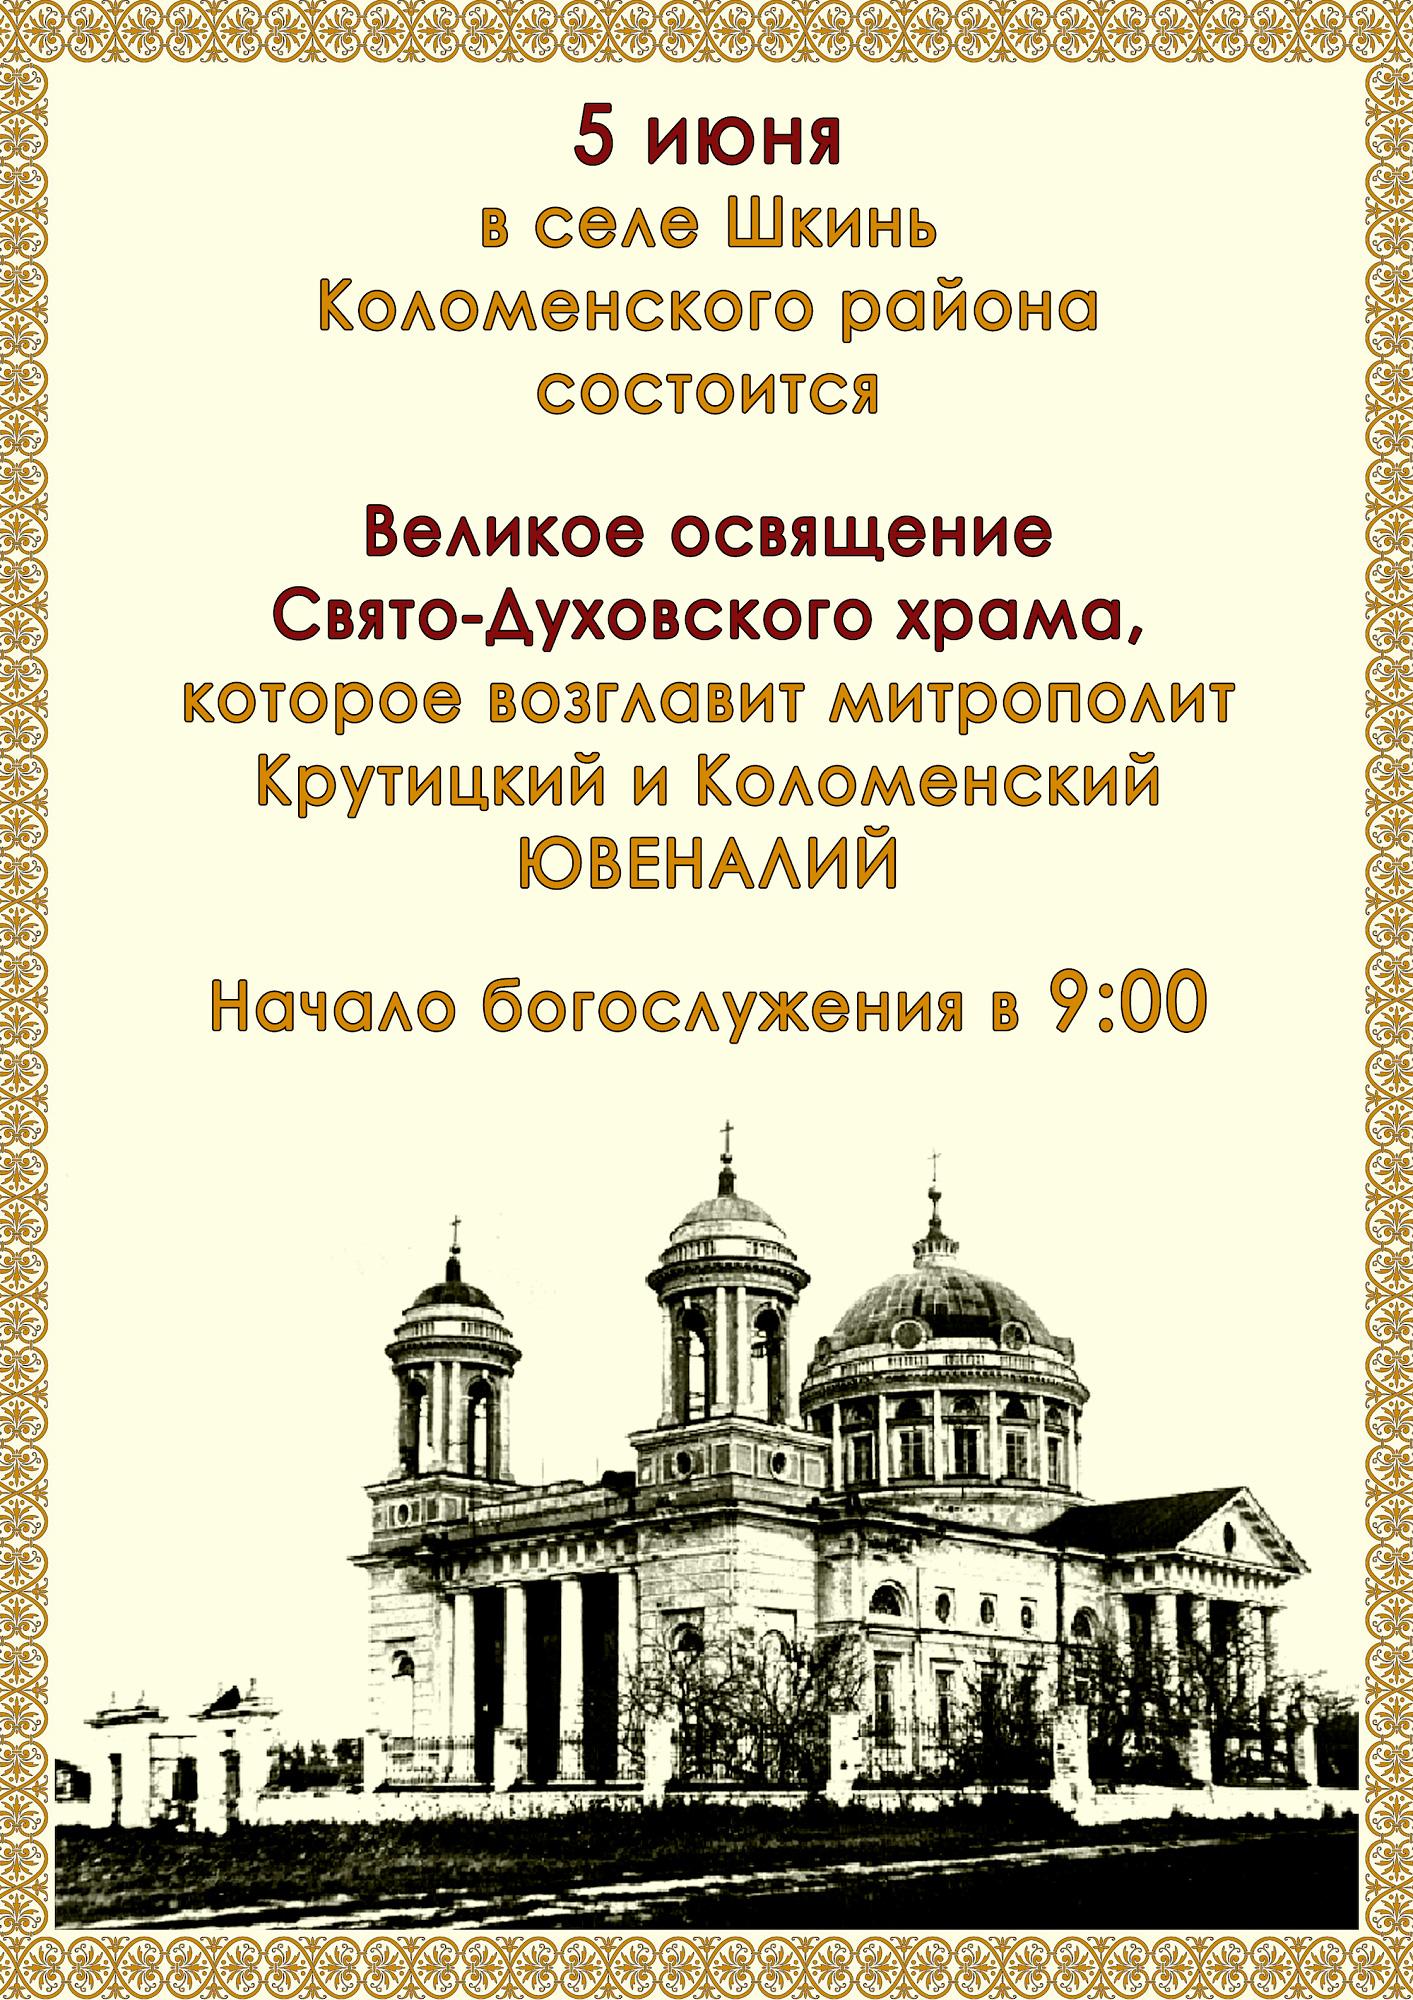 Великое освящение Святщ-Духовского храма